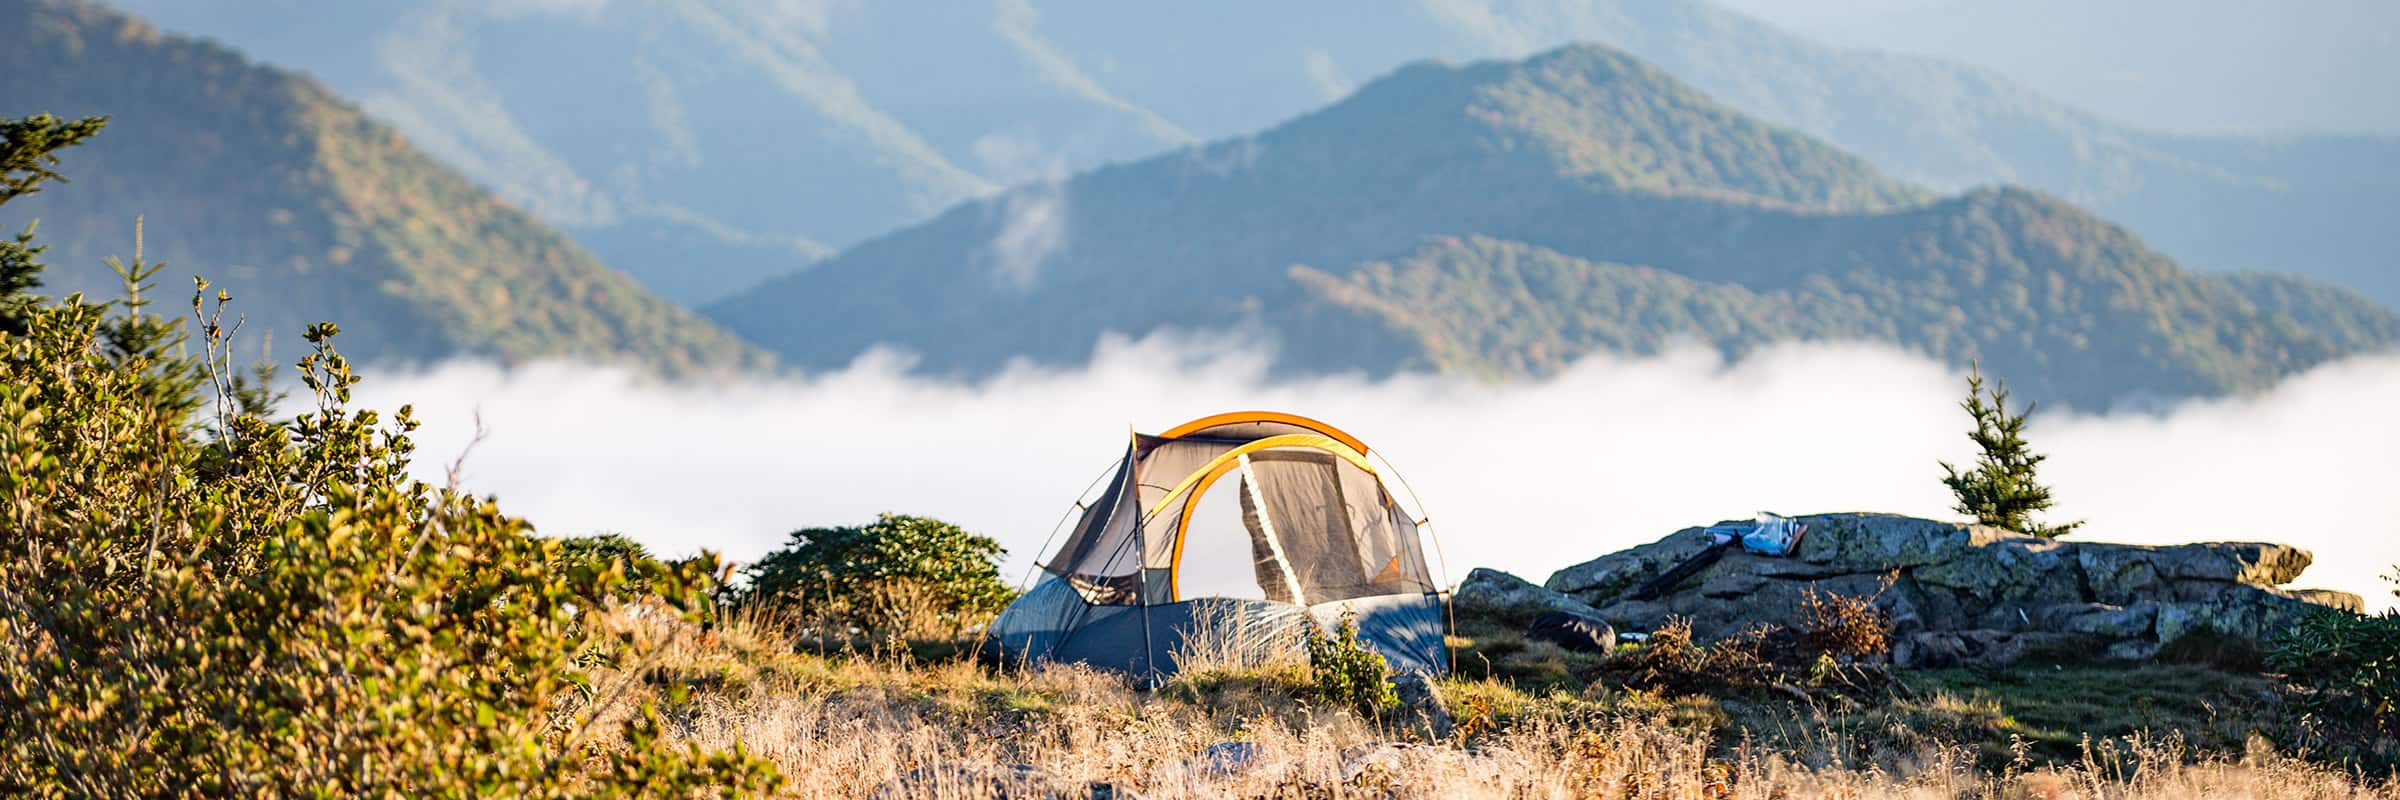 Comment partir en camping sans laisser de trace?